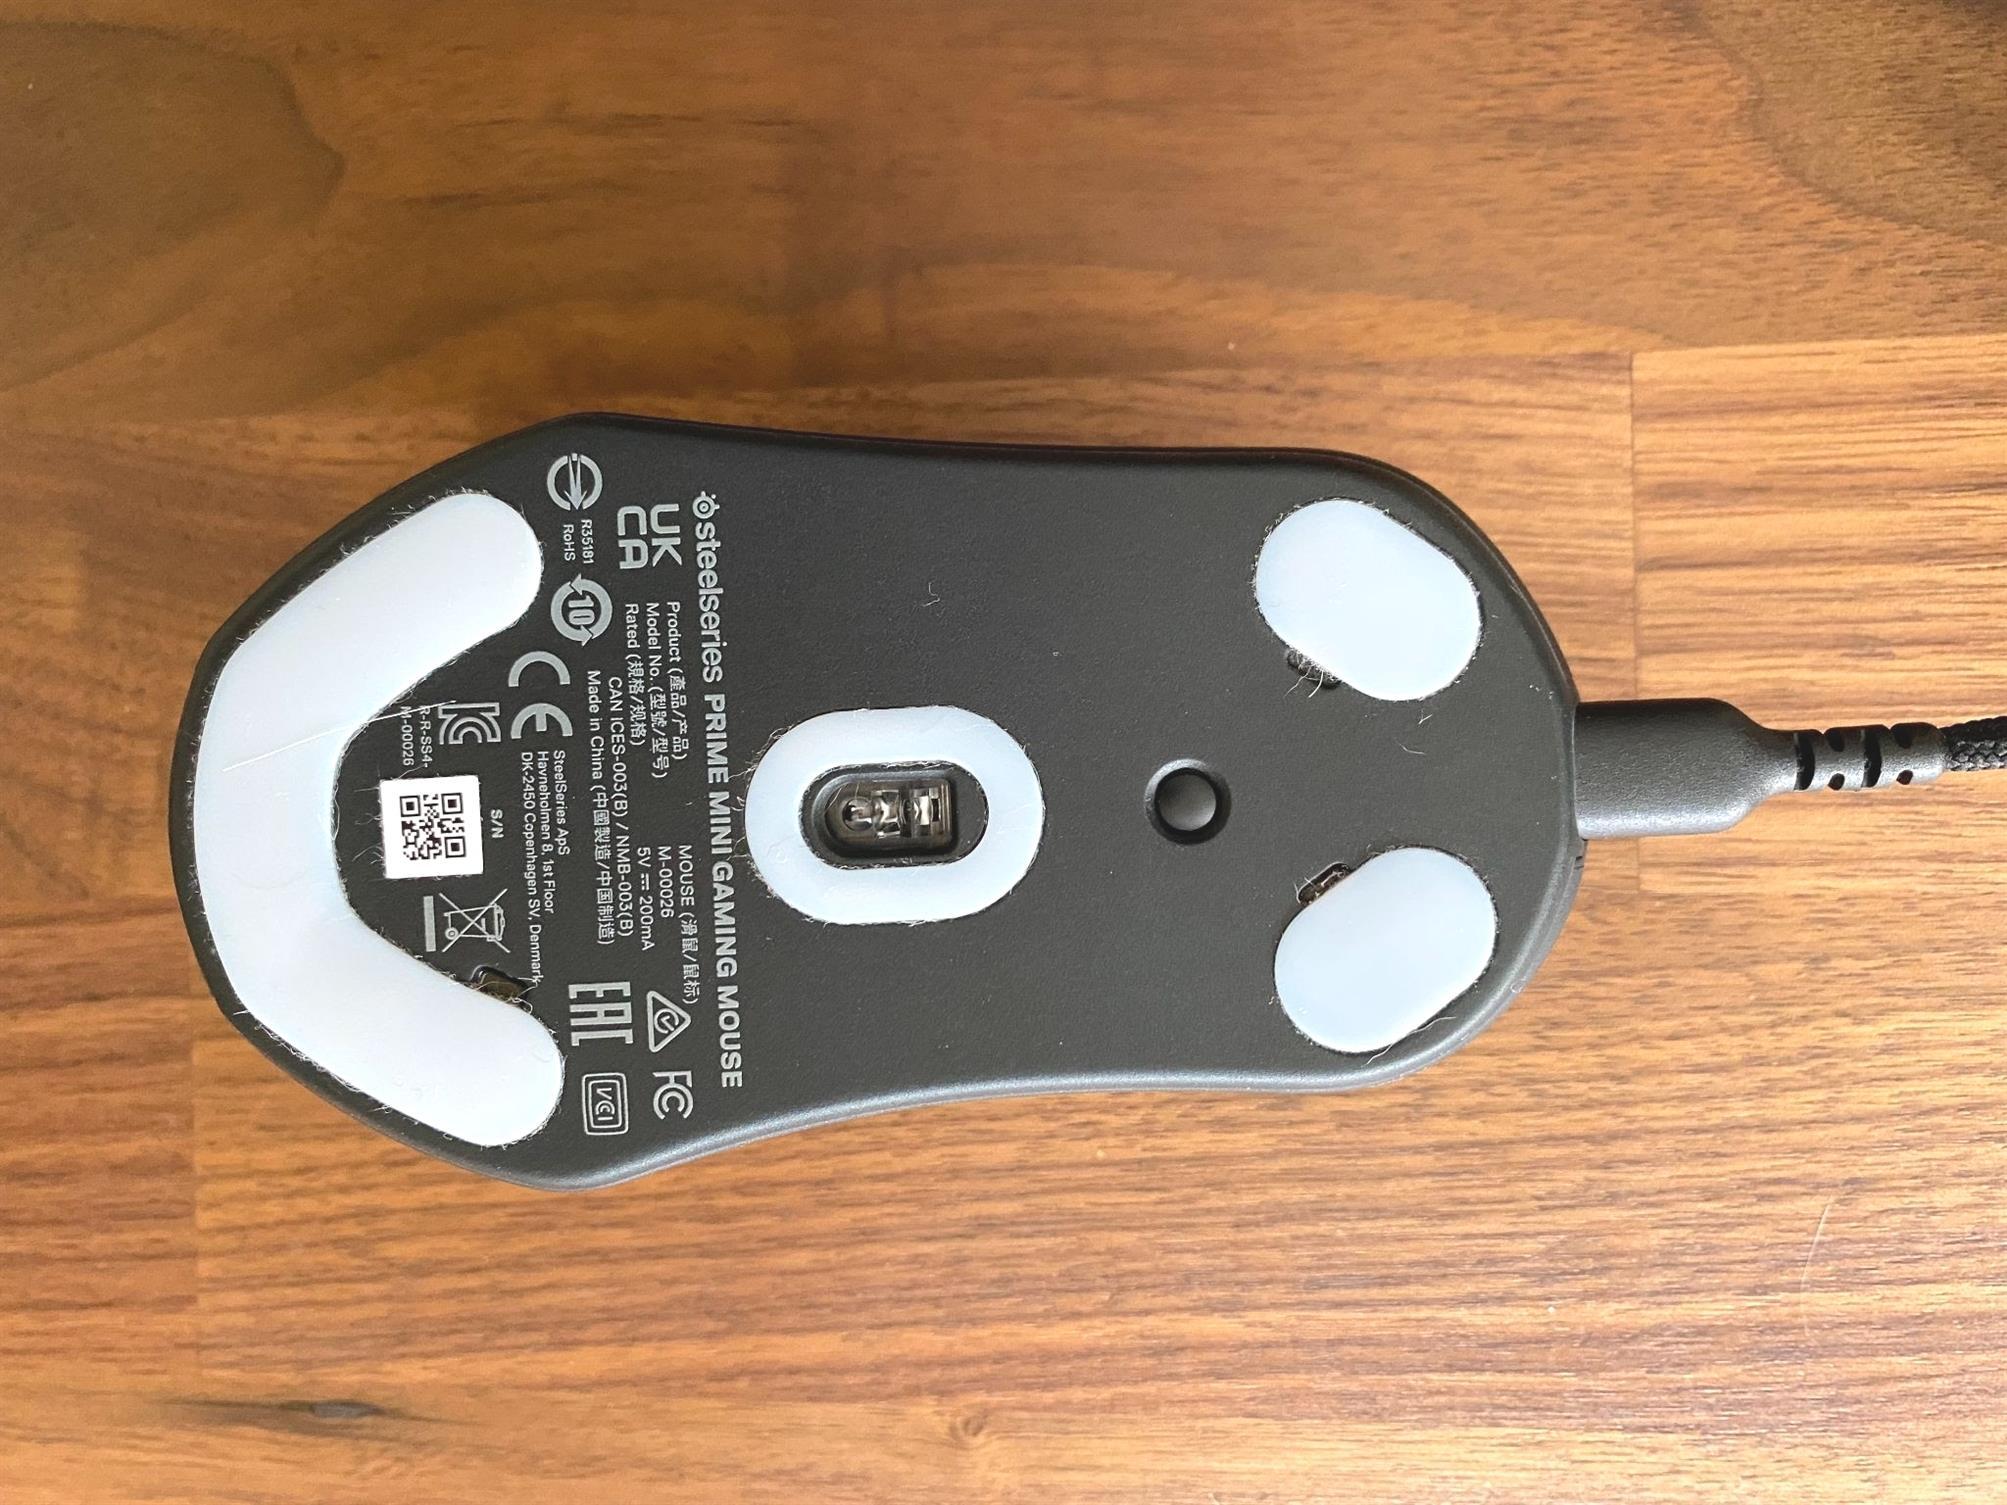 F5jbusXD i8SdC 11 13